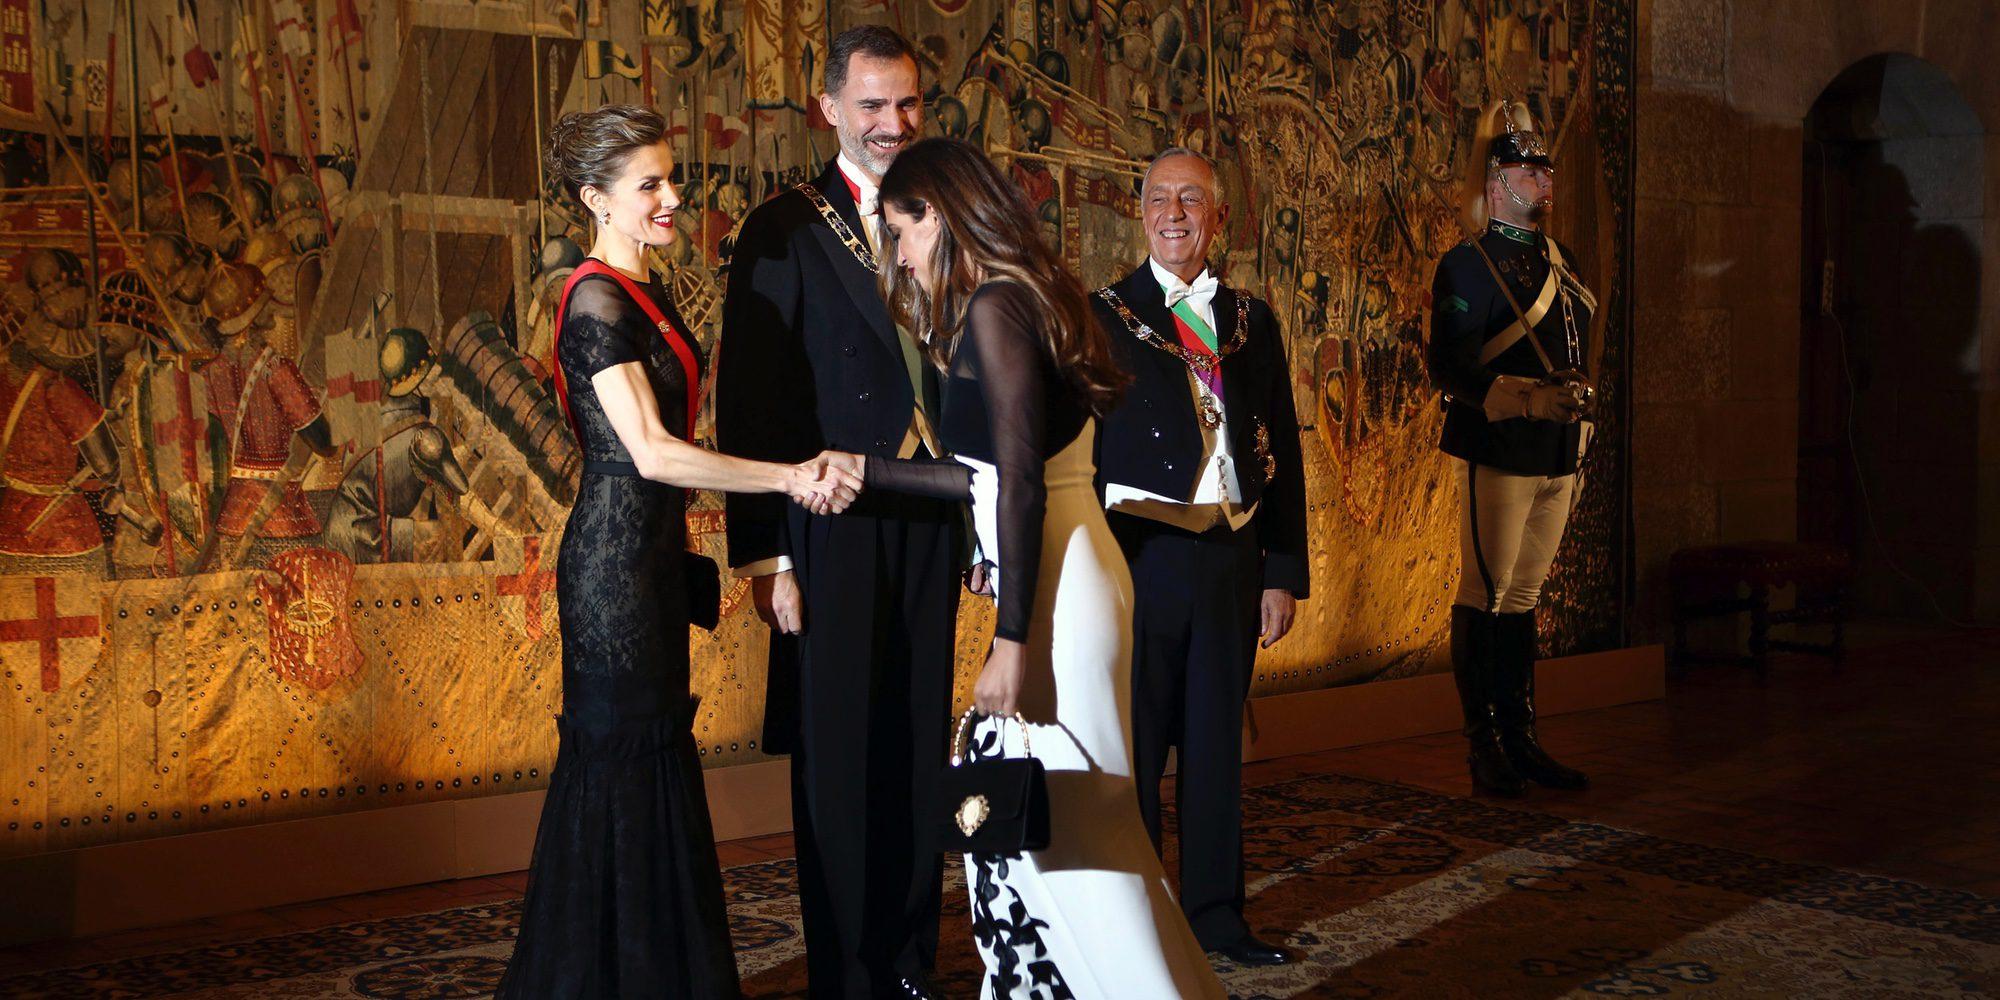 Los Reyes Felipe y Letizia, de cena de gala con Iker Casillas y Sara Carbonero en Portugal